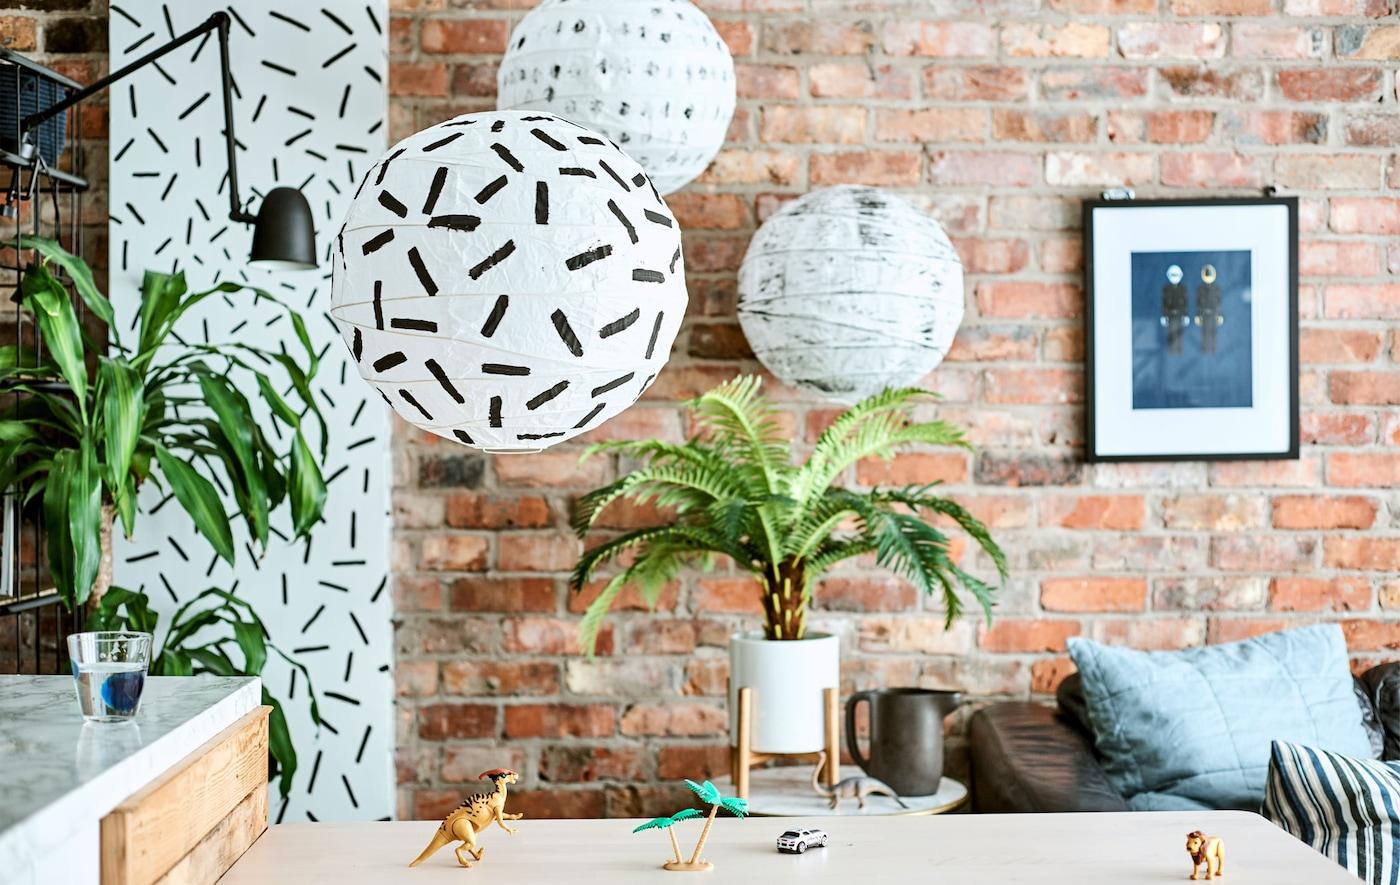 LED Design Wand Lampen Schalter Flur Dielen Beleuchtung Wohn Schlaf Raum Leuchte